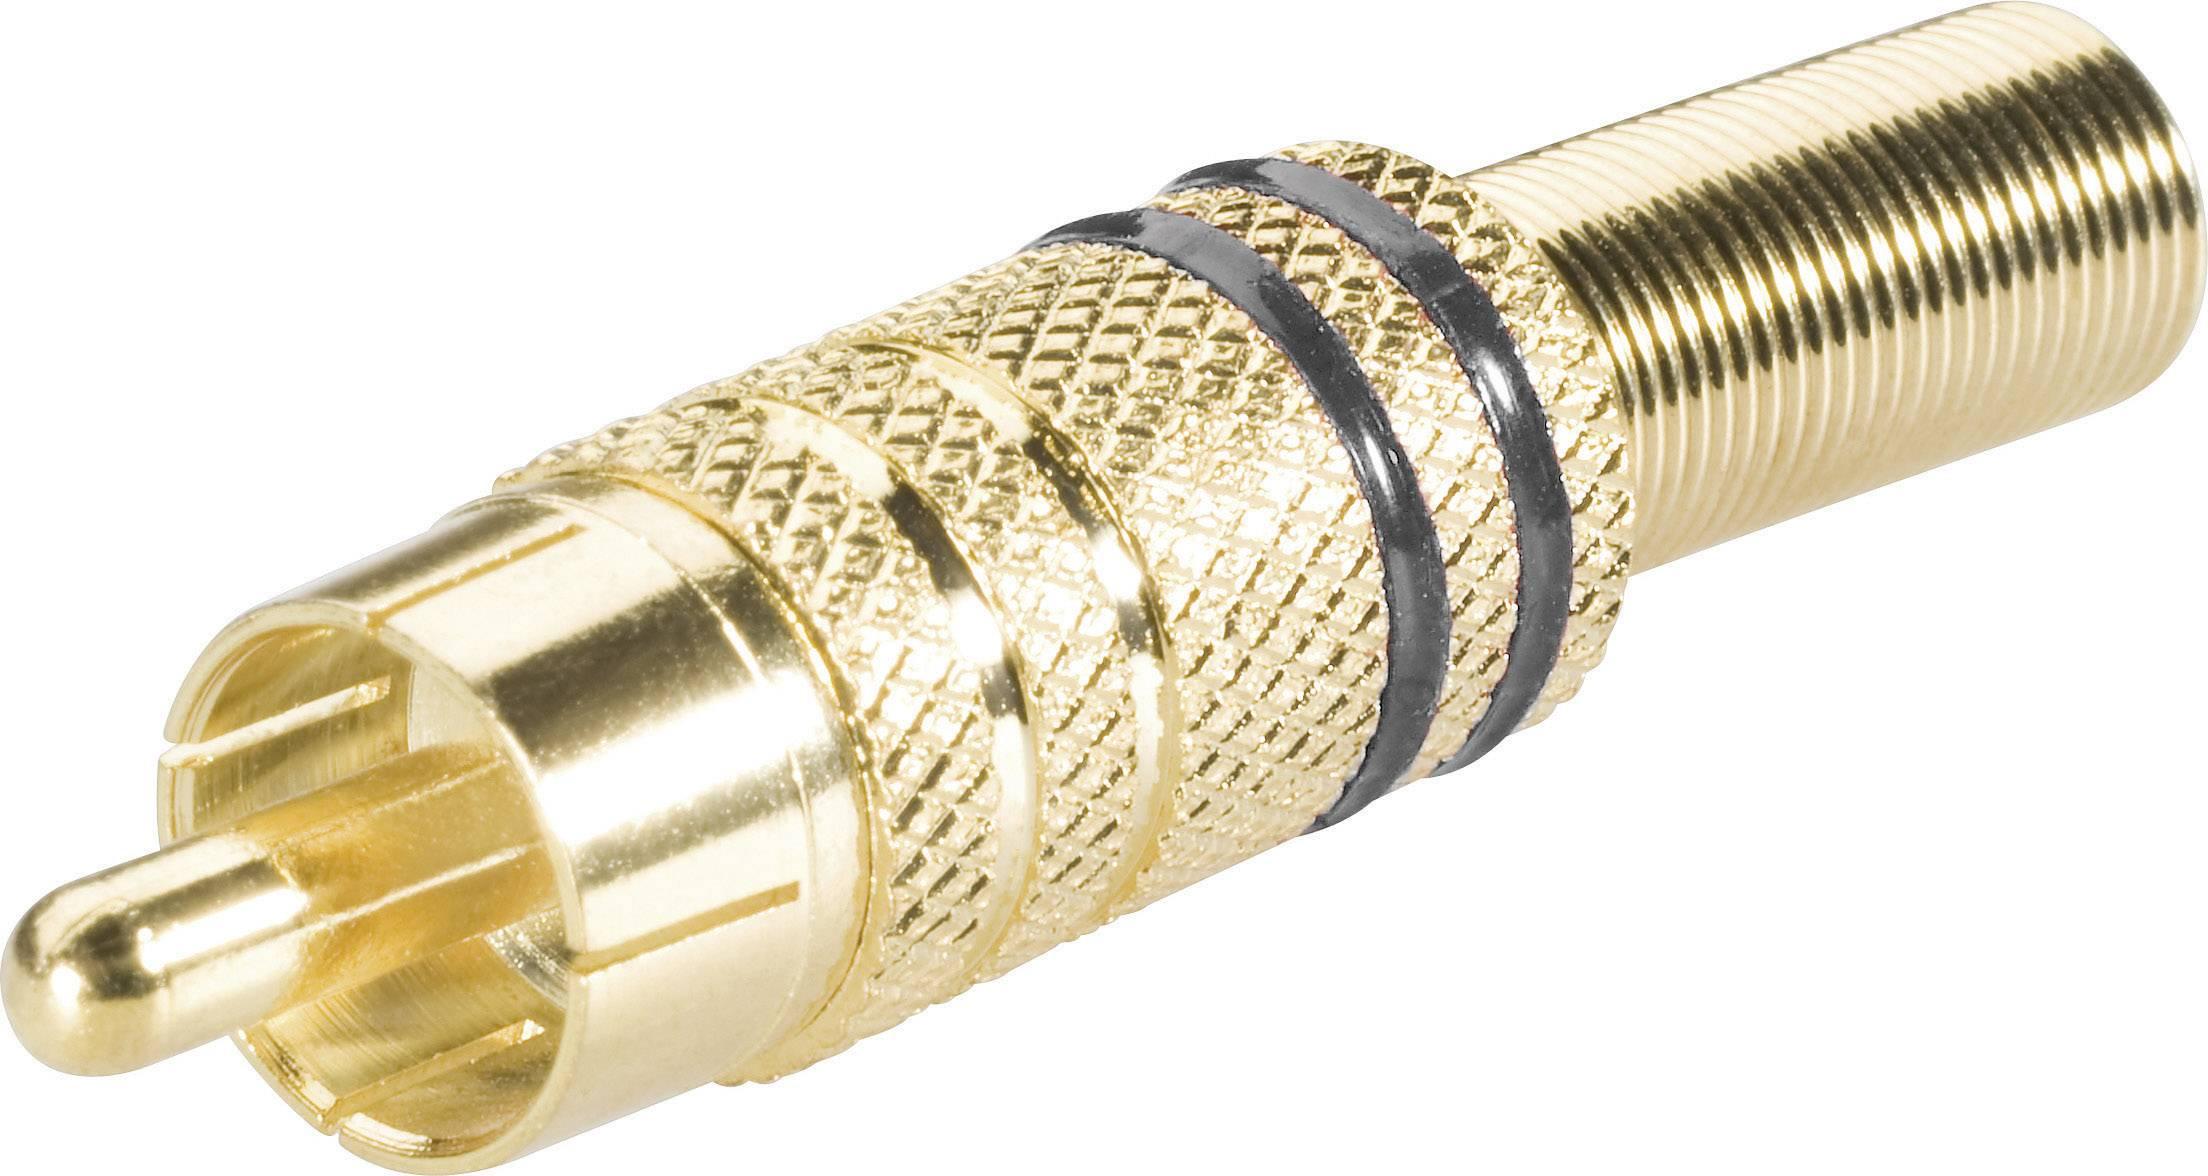 Cinch konektor zástrčka, rovná BKL Electronic 0101006, pinov 2, čierna, 1 ks